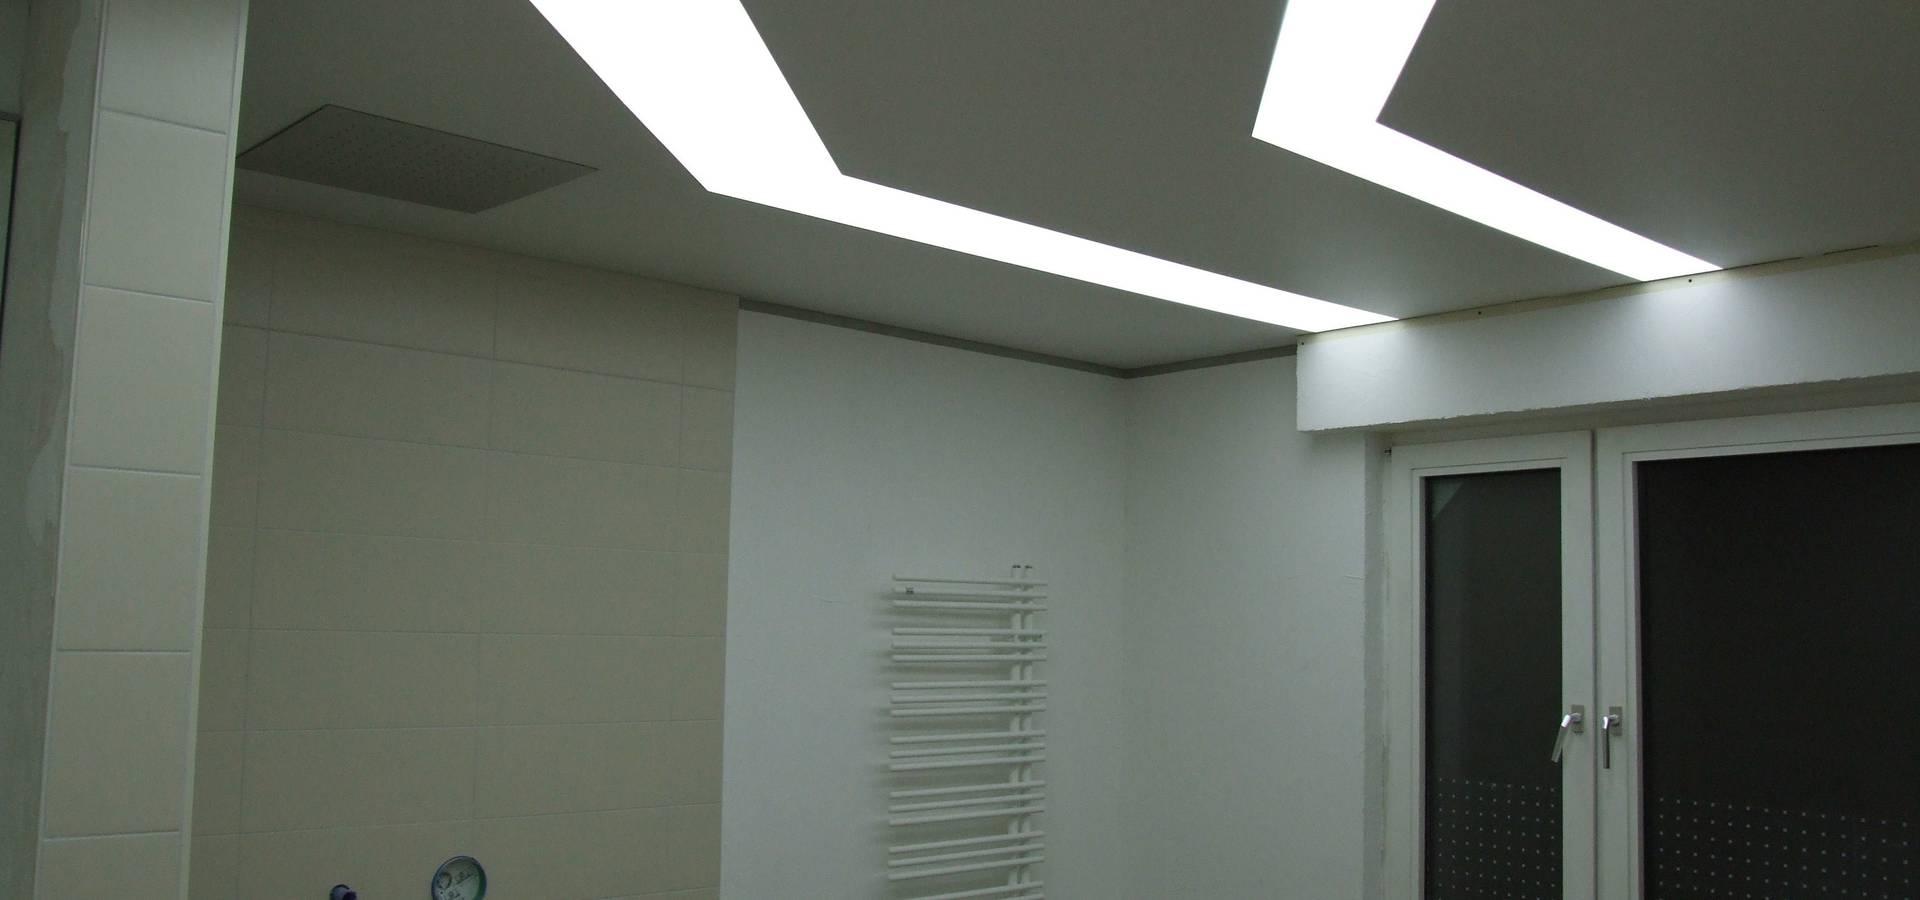 Decken wand verkleidung von decken design homify for Badezimmer decken design